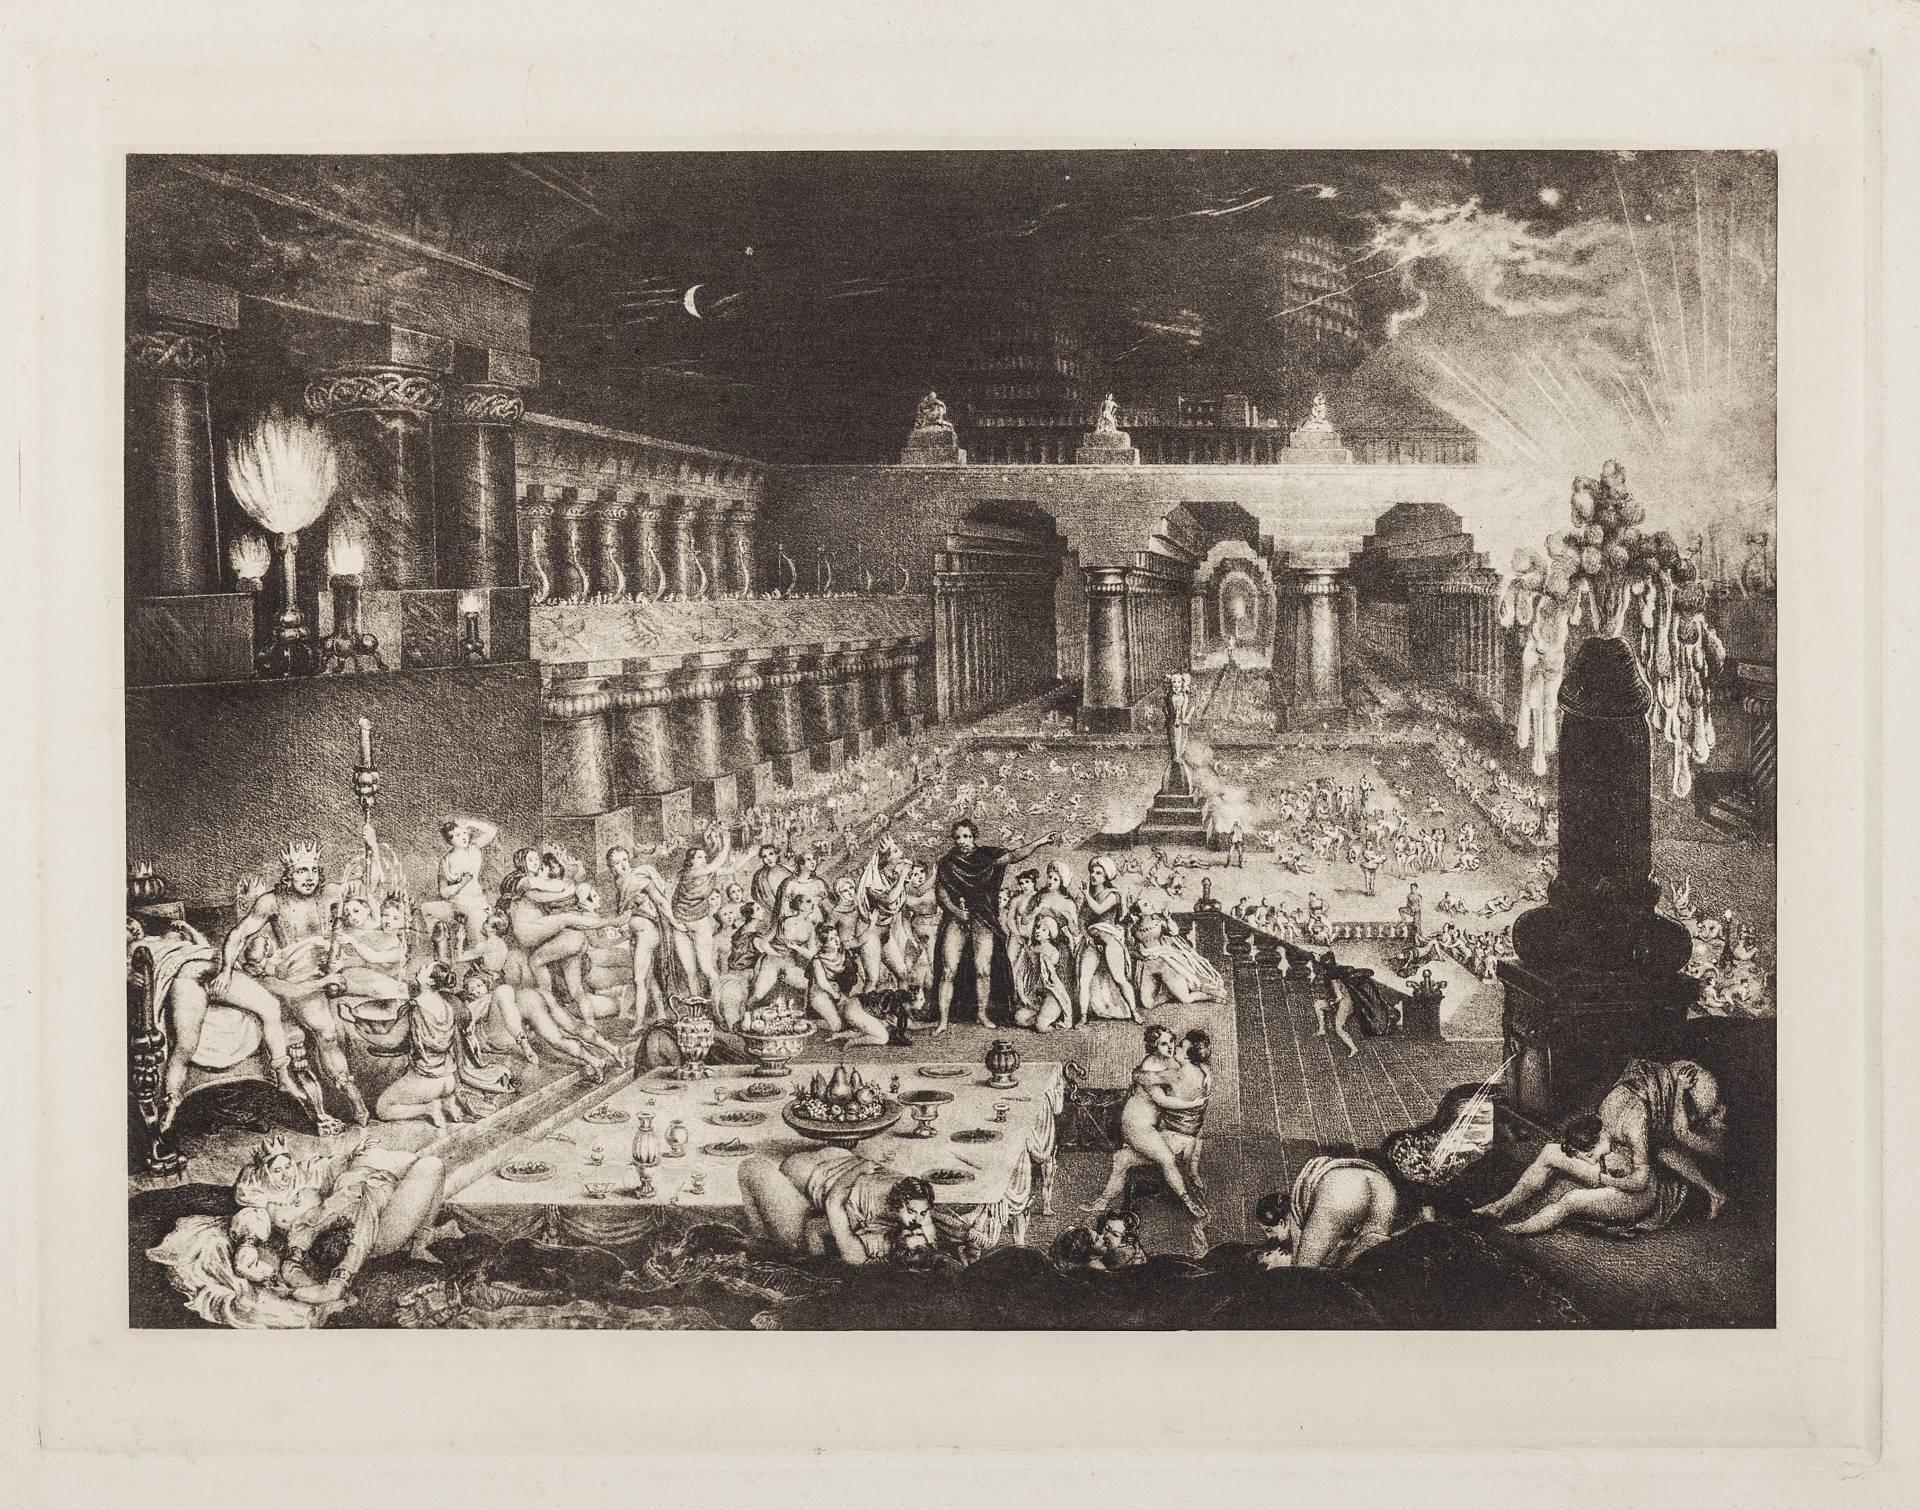 'La caída de Babilonia', anónimo (alrededor de 1950). Reedición de un grabado del siglo XIX. Collection Mony Vibescu©Gilles Berquet.